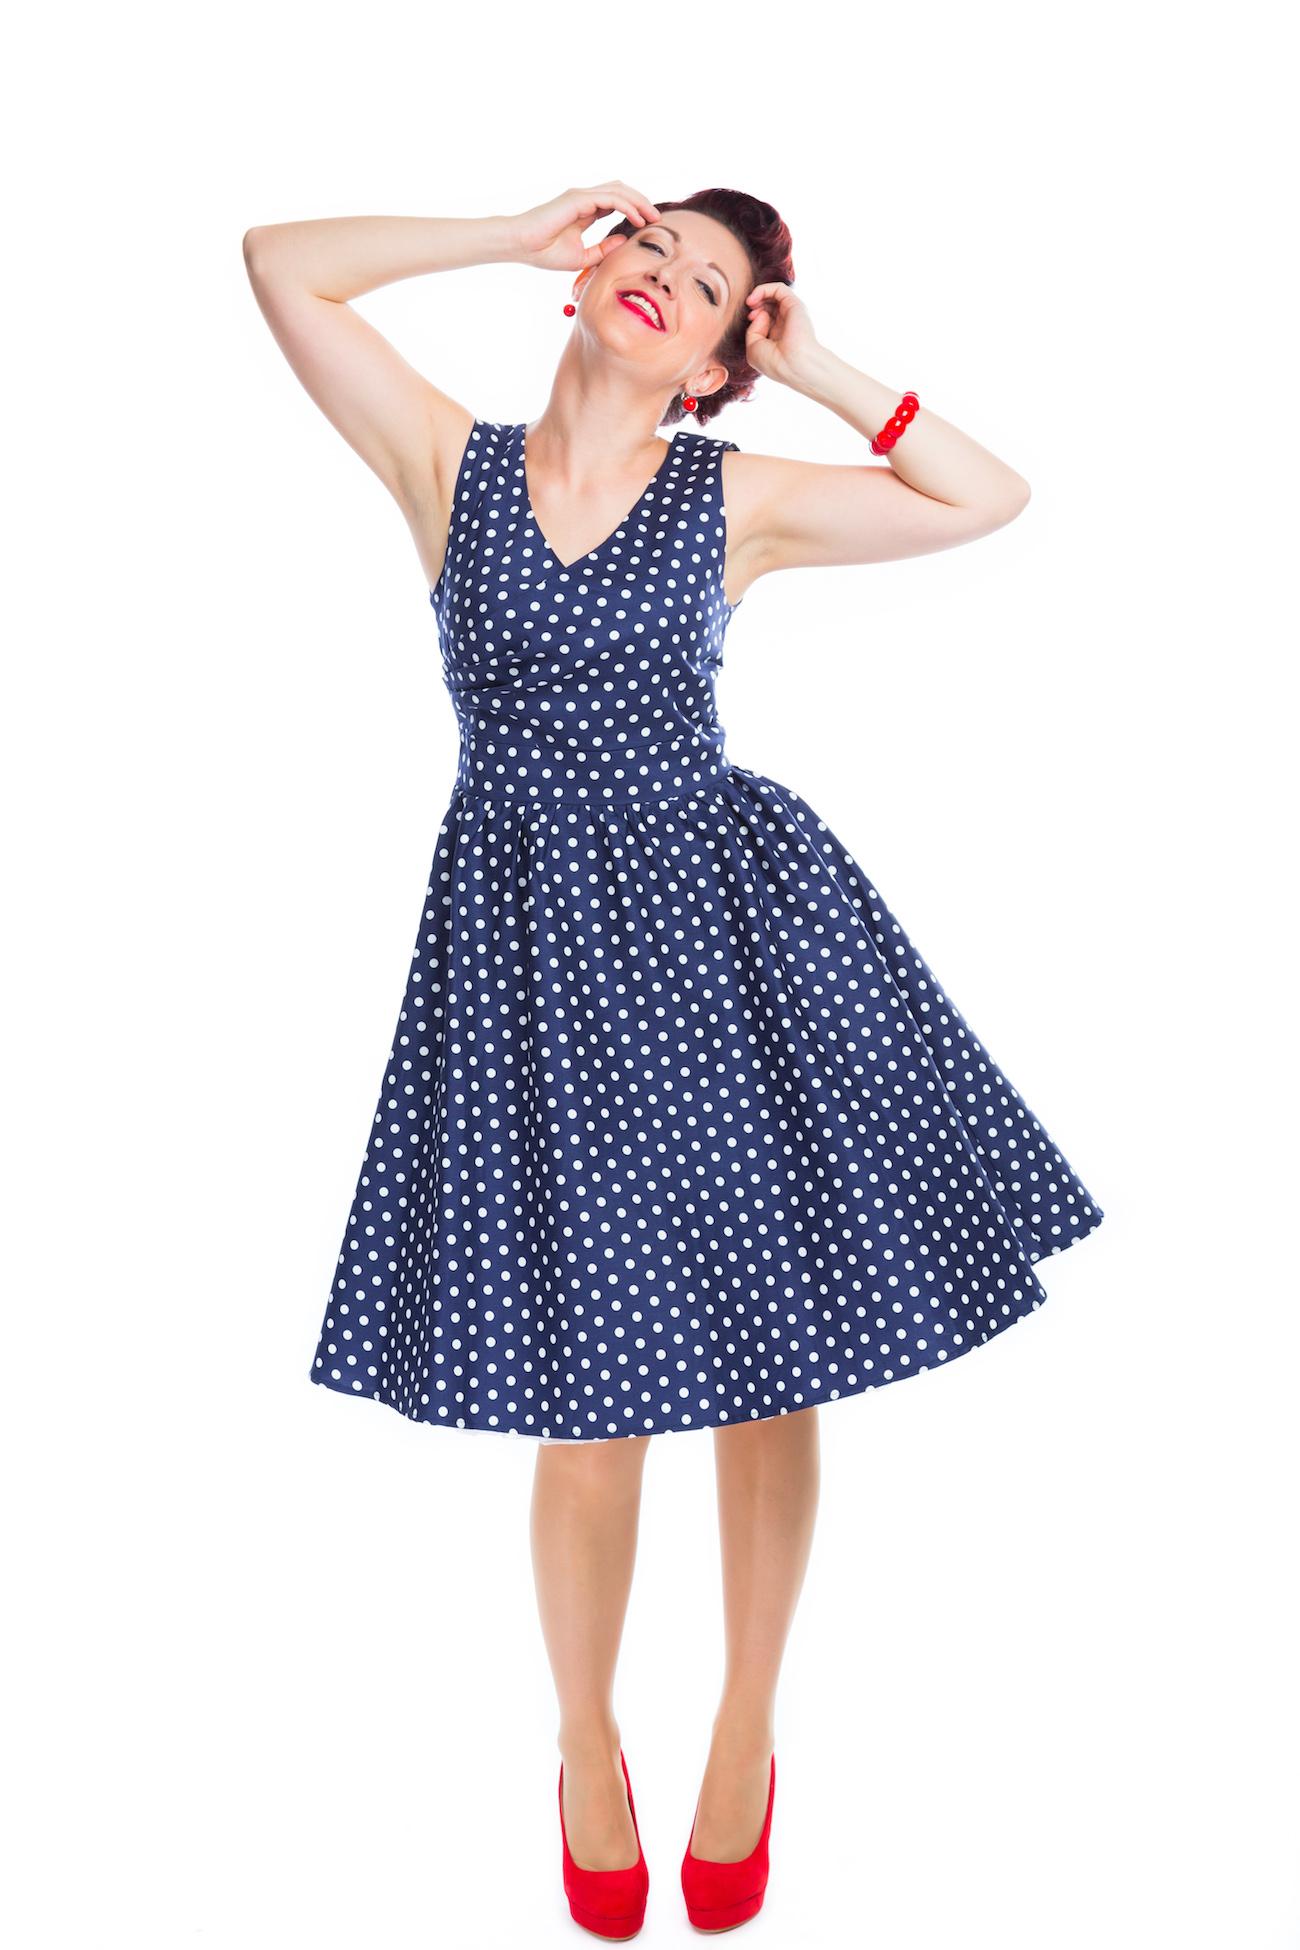 a47fda832cd Štylové modré retro šaty s bílýmy puntíky